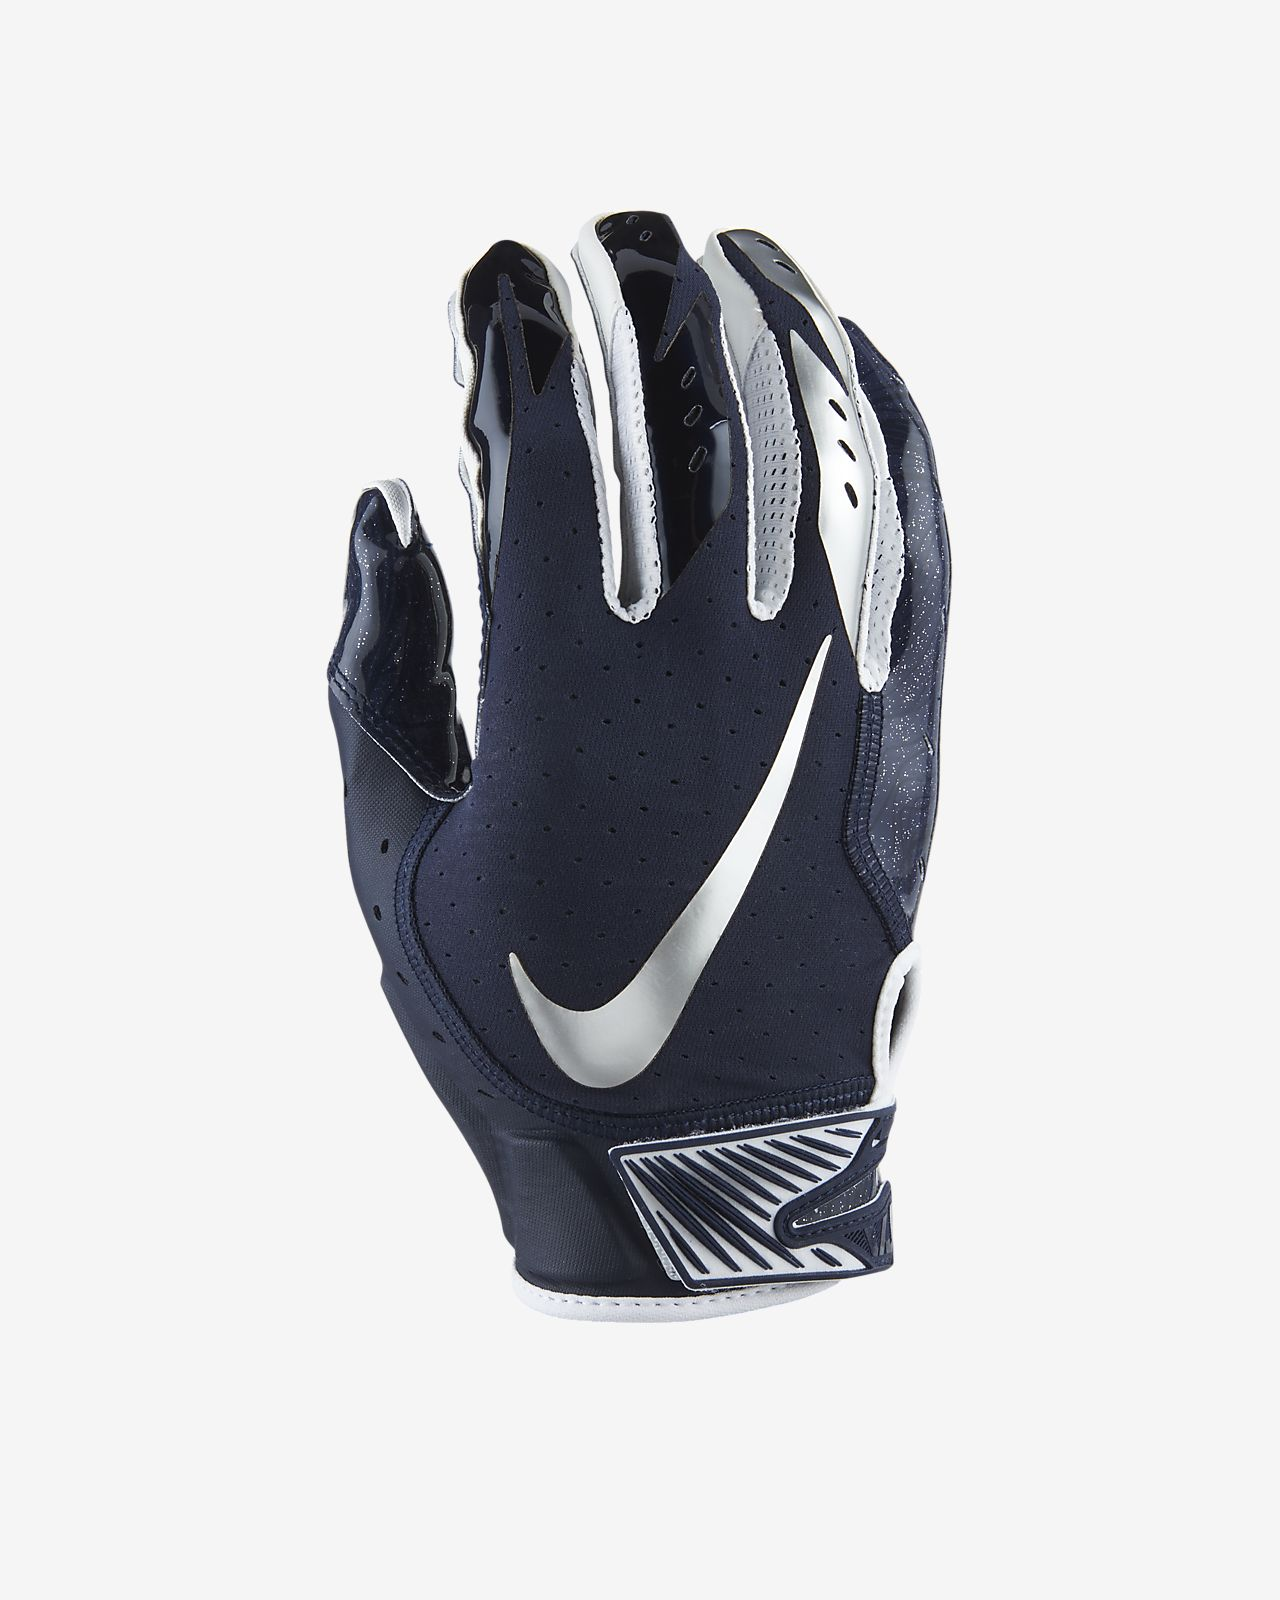 Nike Vapor Jet 5.0 Football Gloves